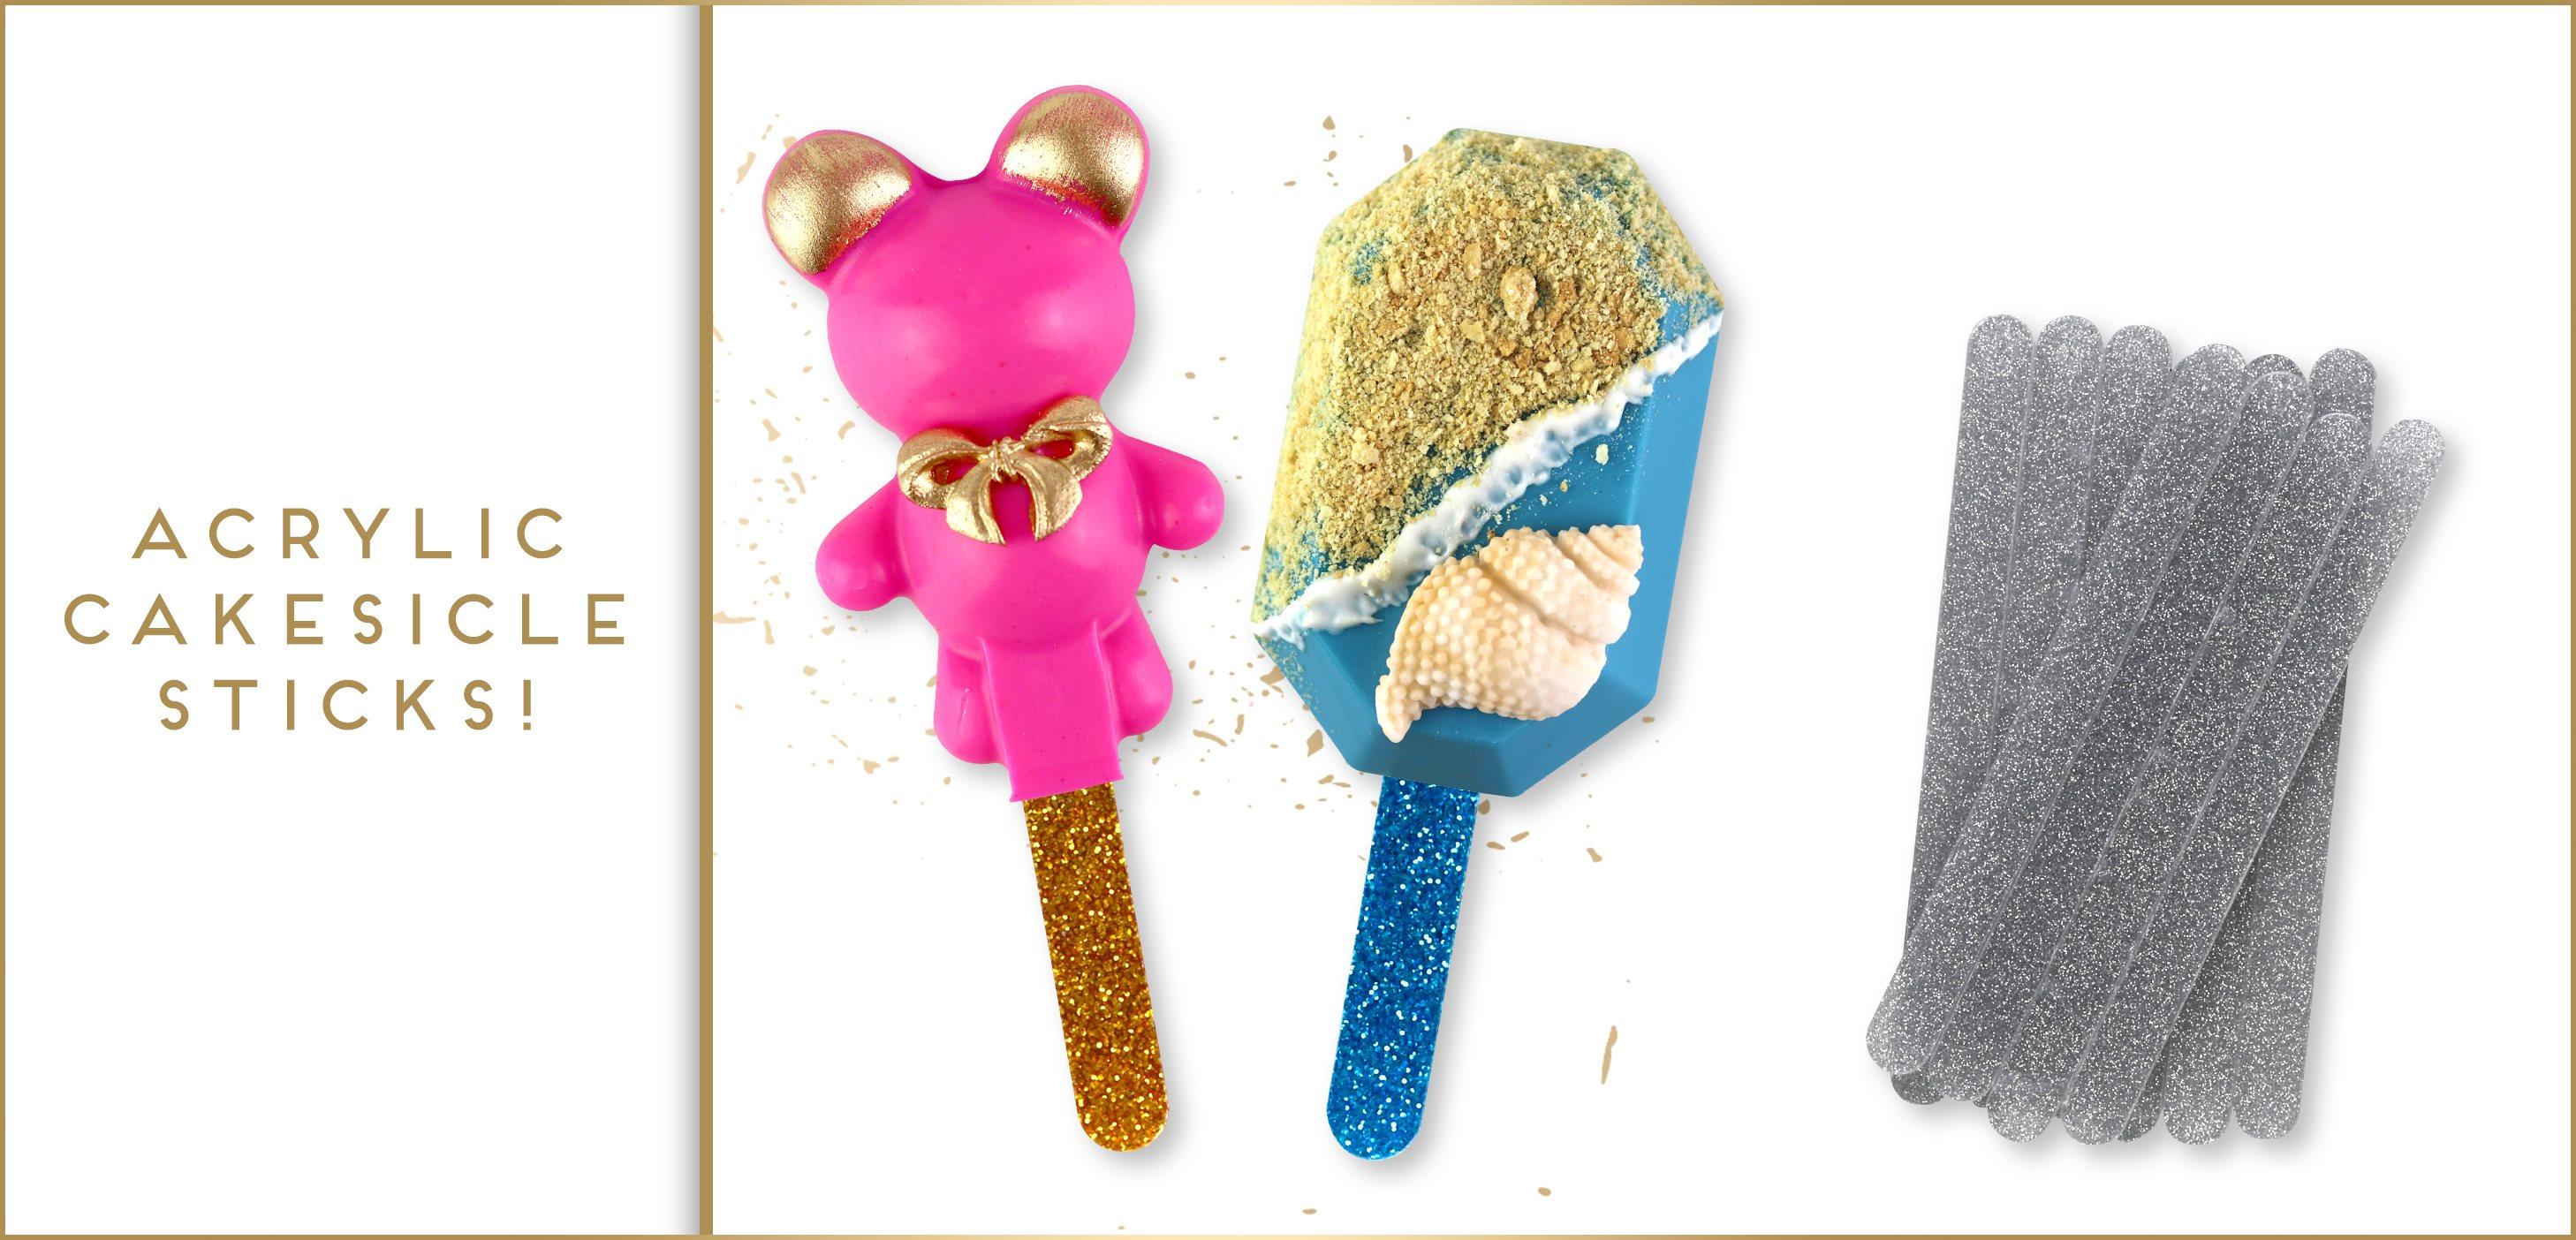 Acrylic Glitter Cakesicle Popsicle Sticks